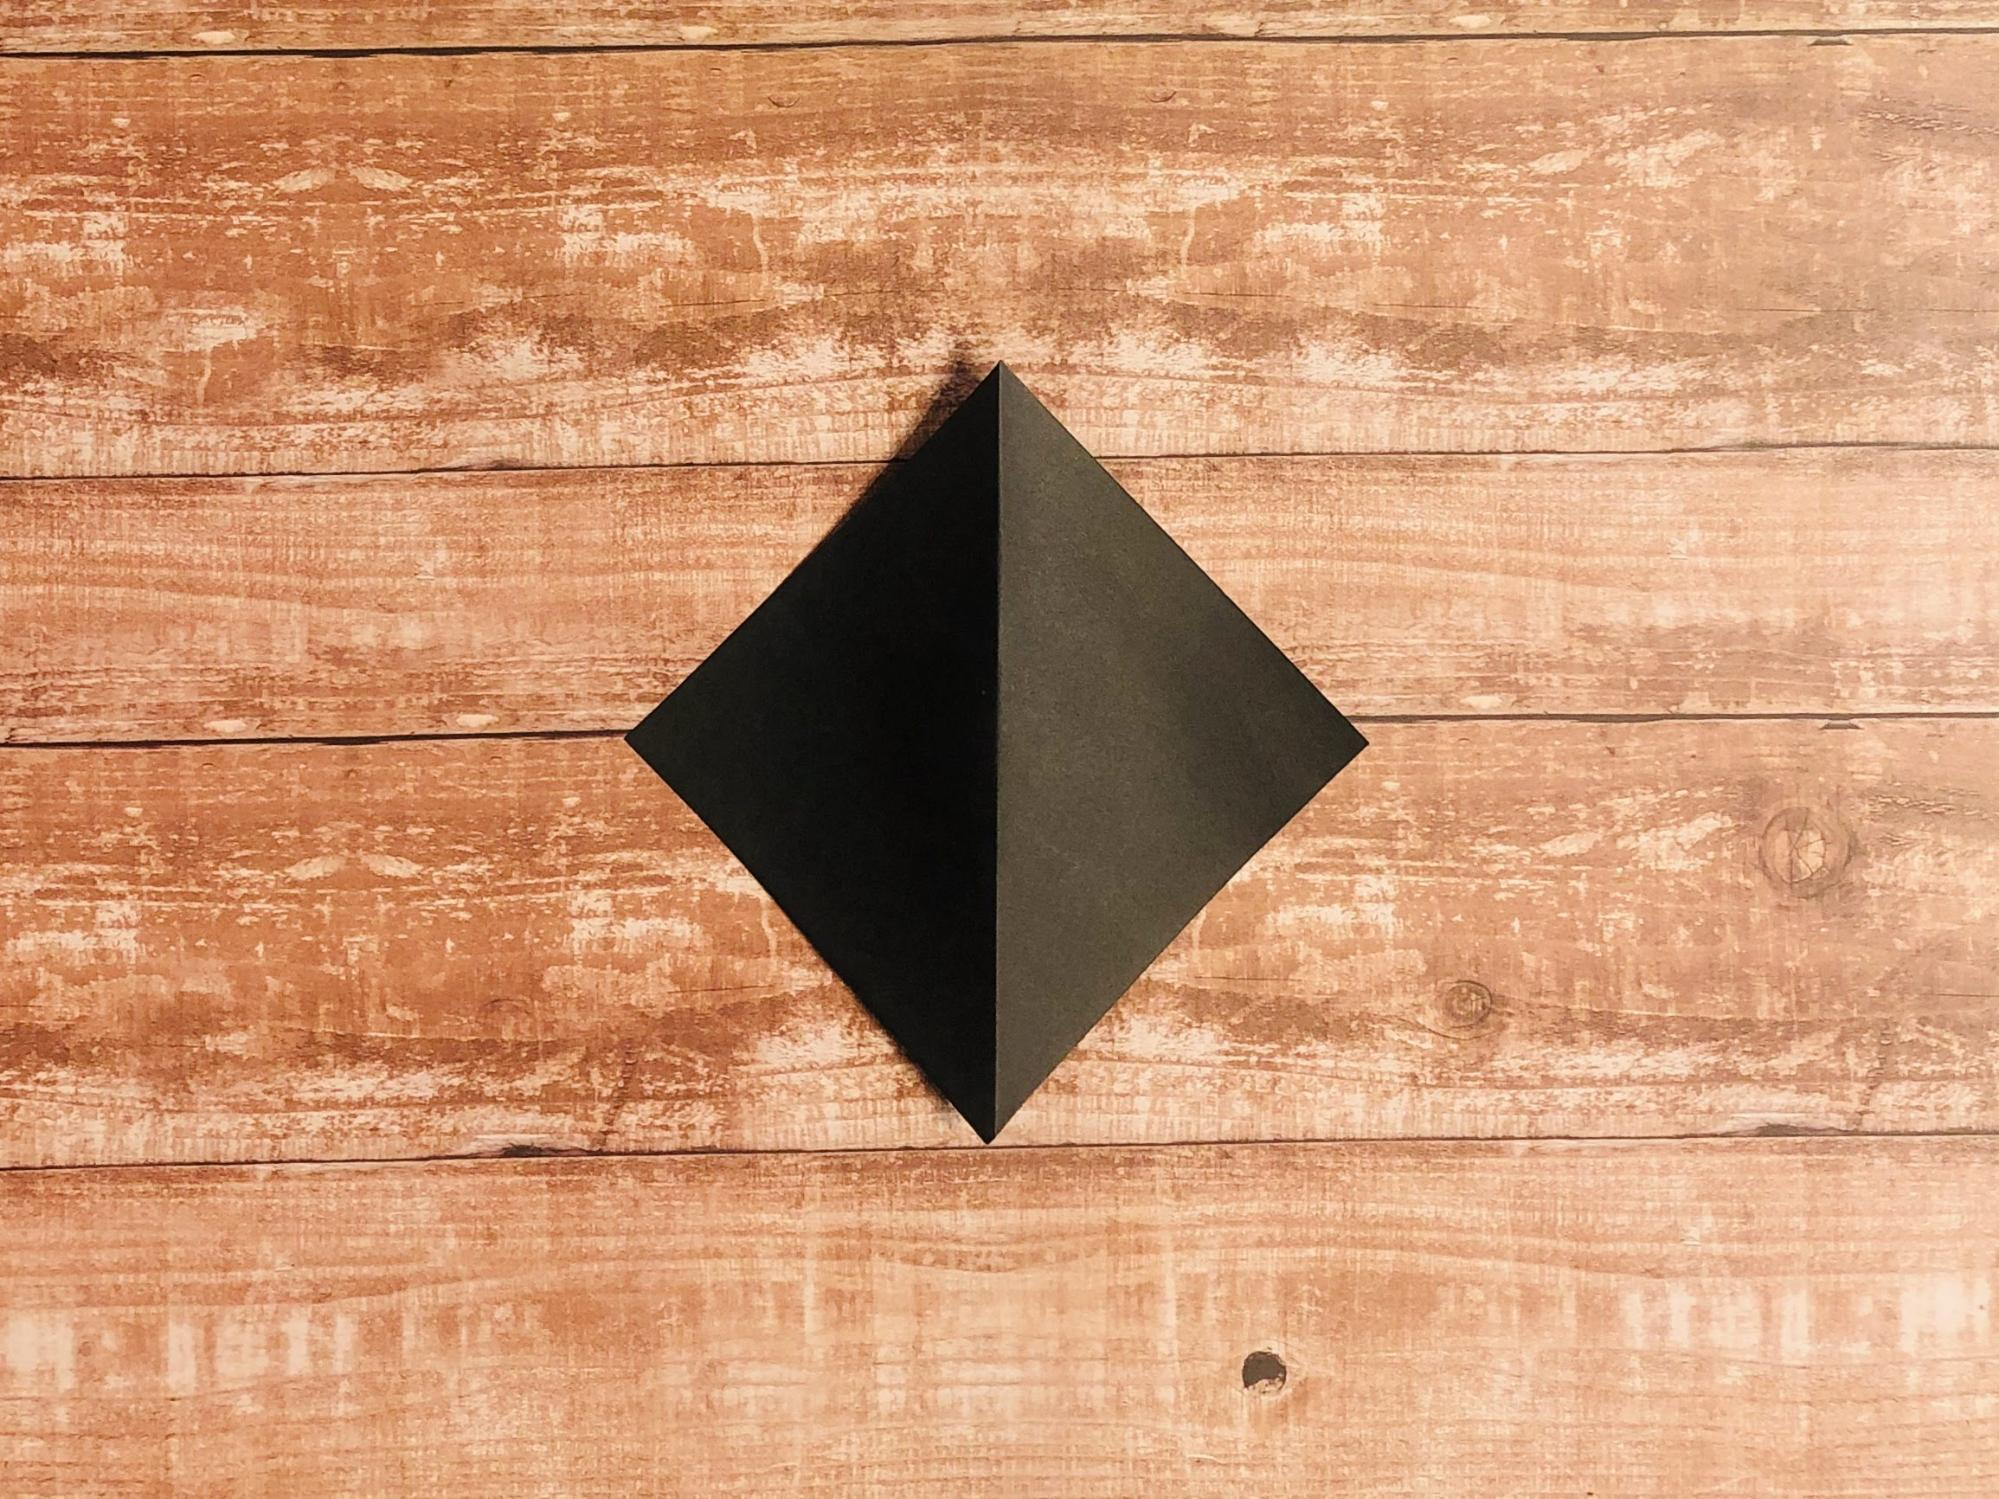 三角になるよう半分に折って、折り目をつけて戻します。